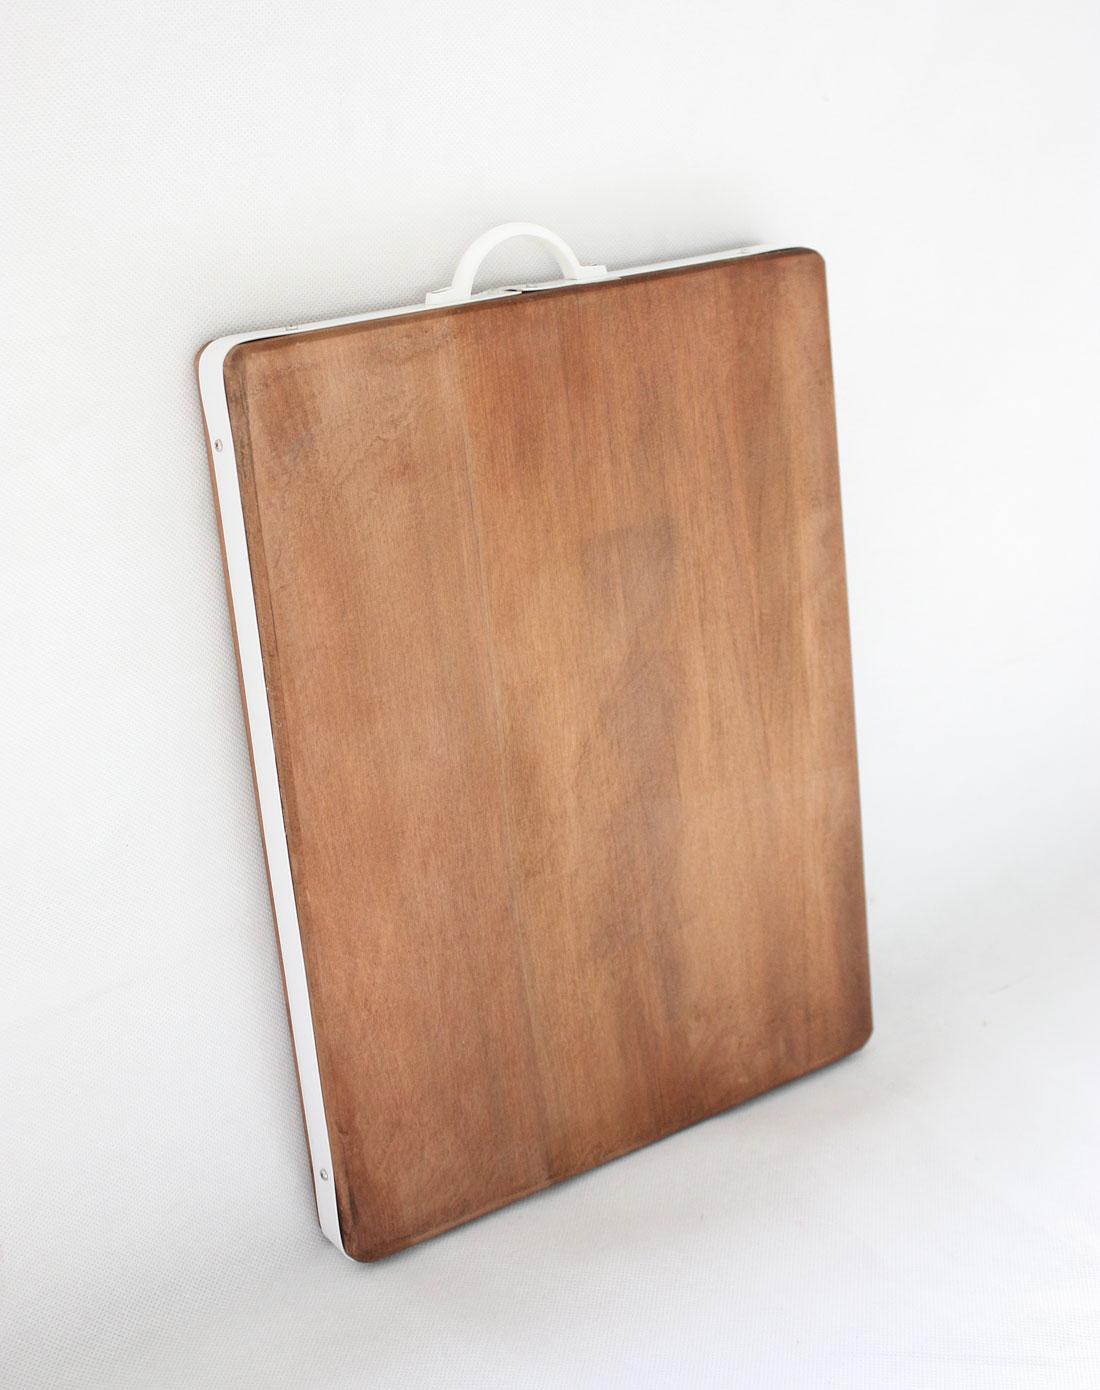 jm家居用品专场深木色金檀木原木砧板(长)bh-2386